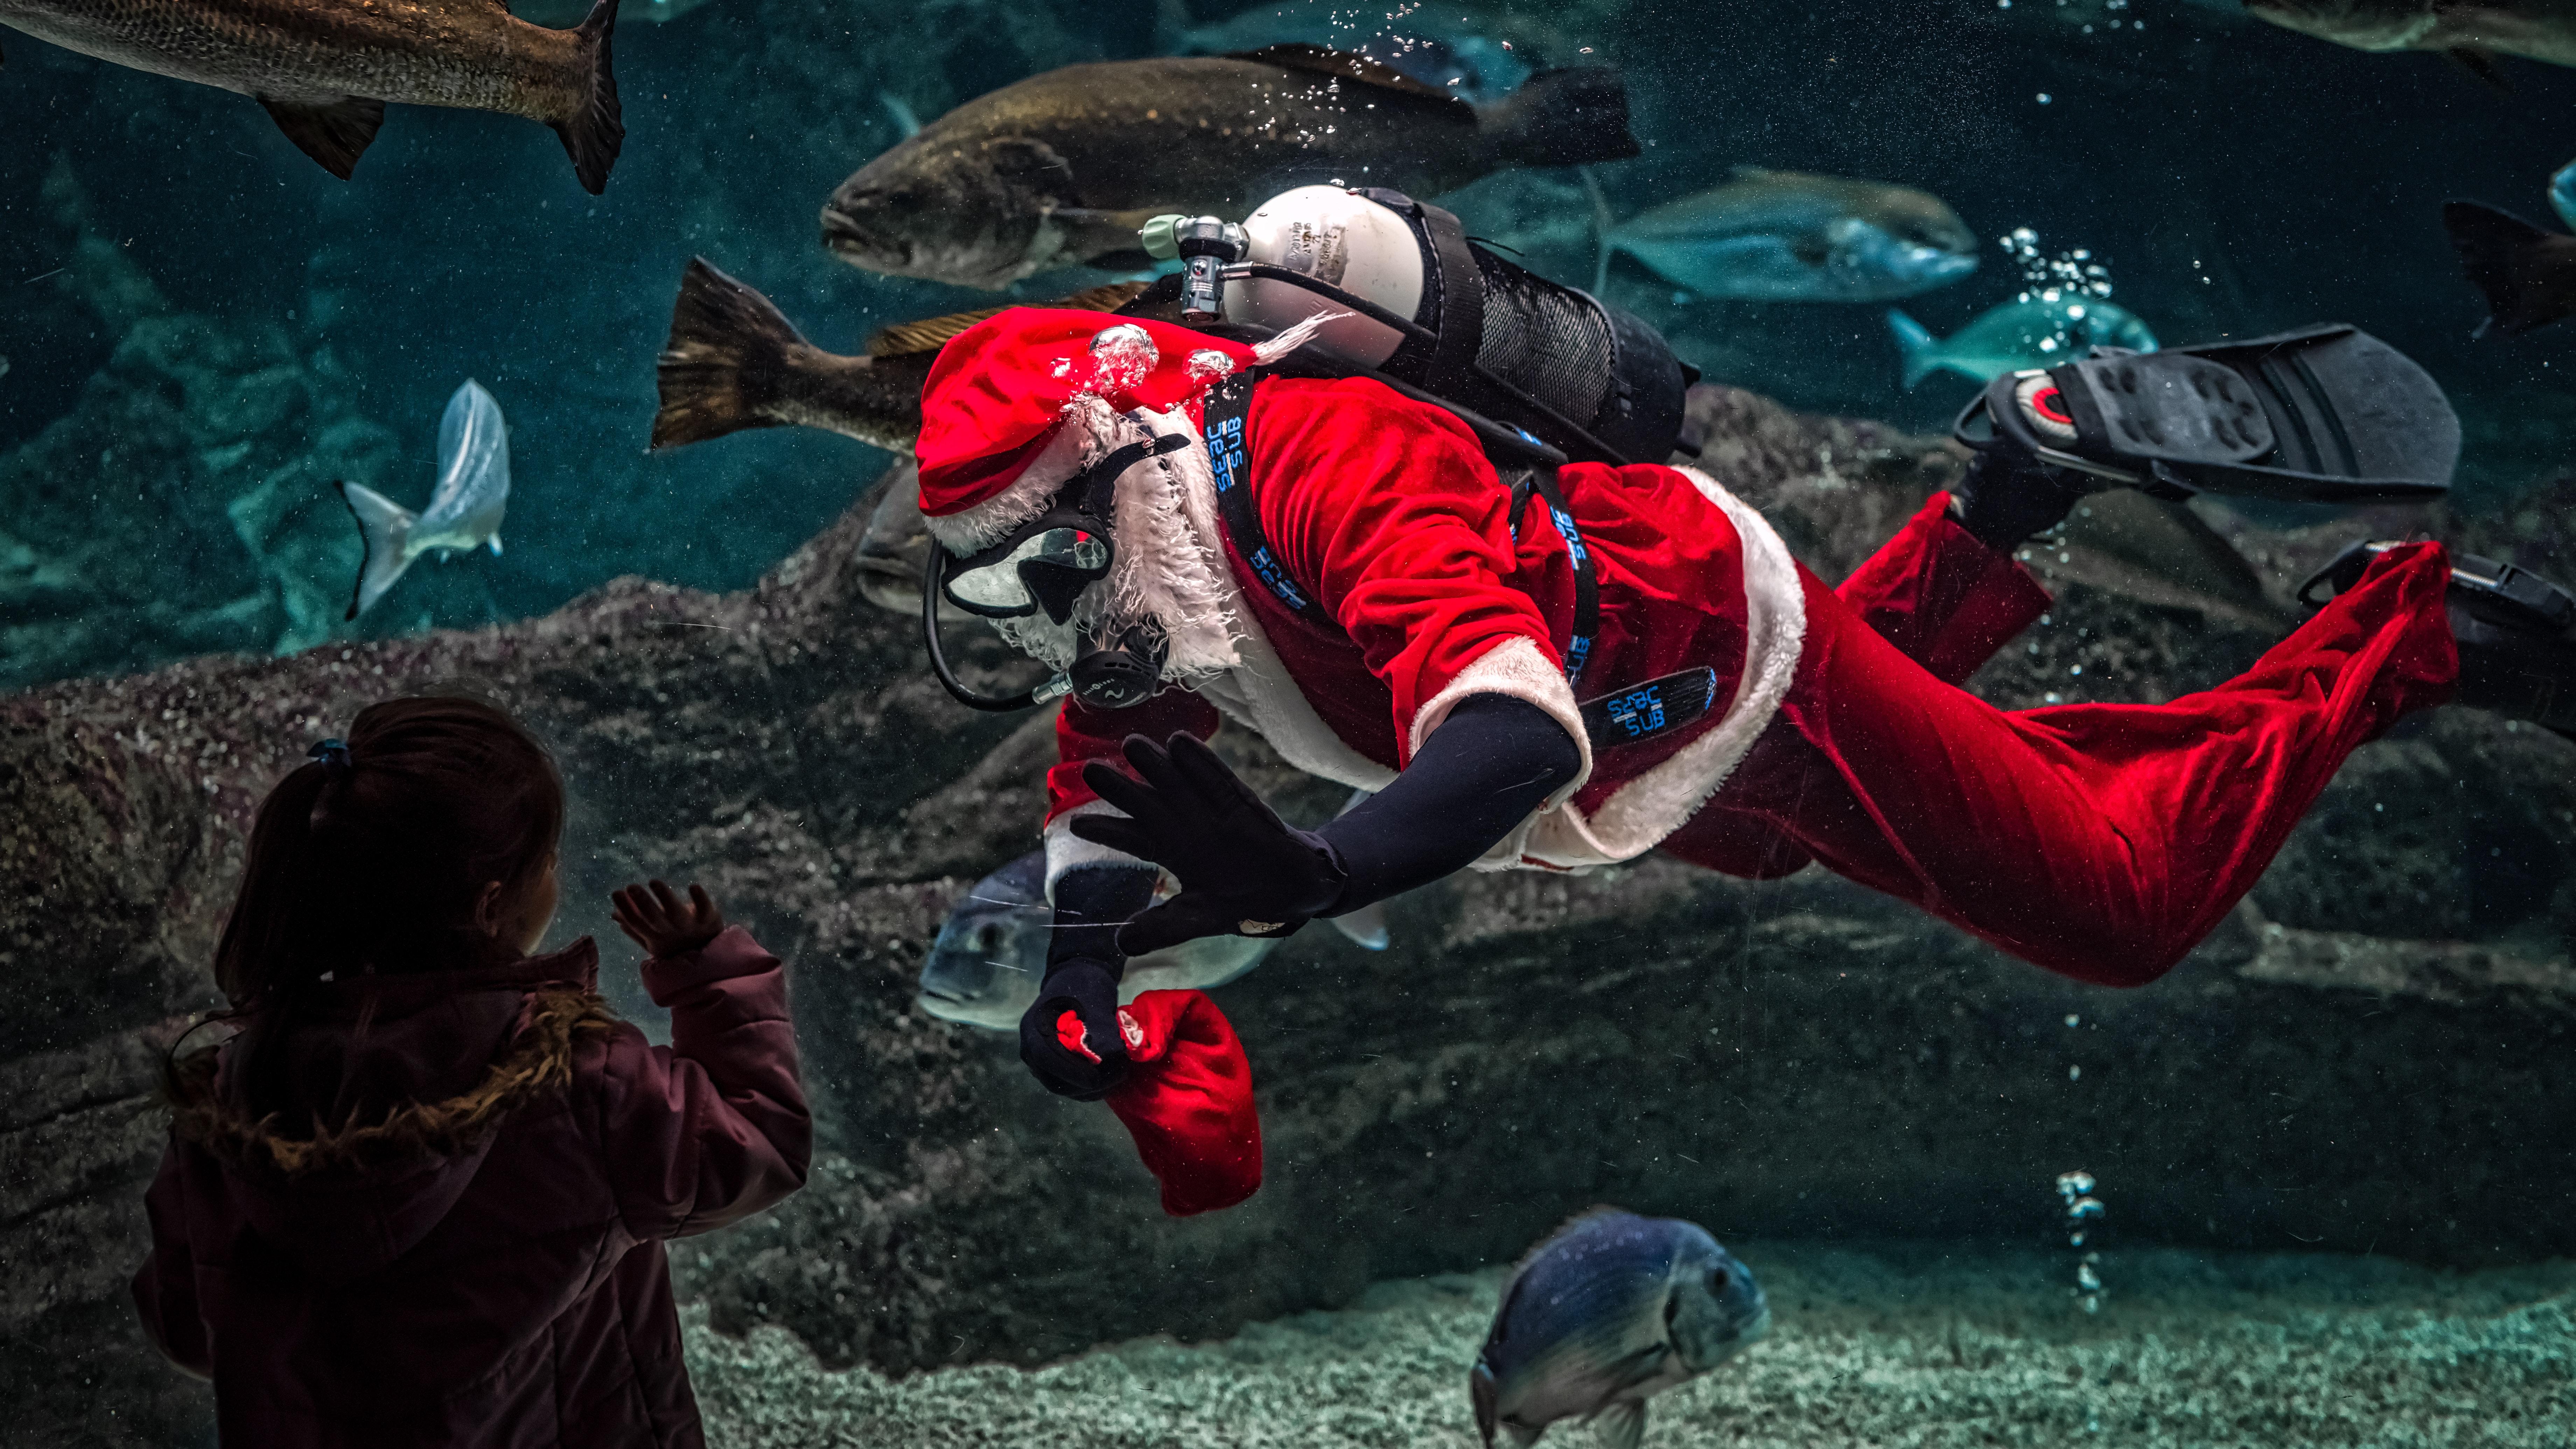 52117e05c akvárium dieťa zväčšenie kostýmy potápač ryby dievča dieťa málo muž pohyb  ľudia červená Mikuláš plávanie podvodná